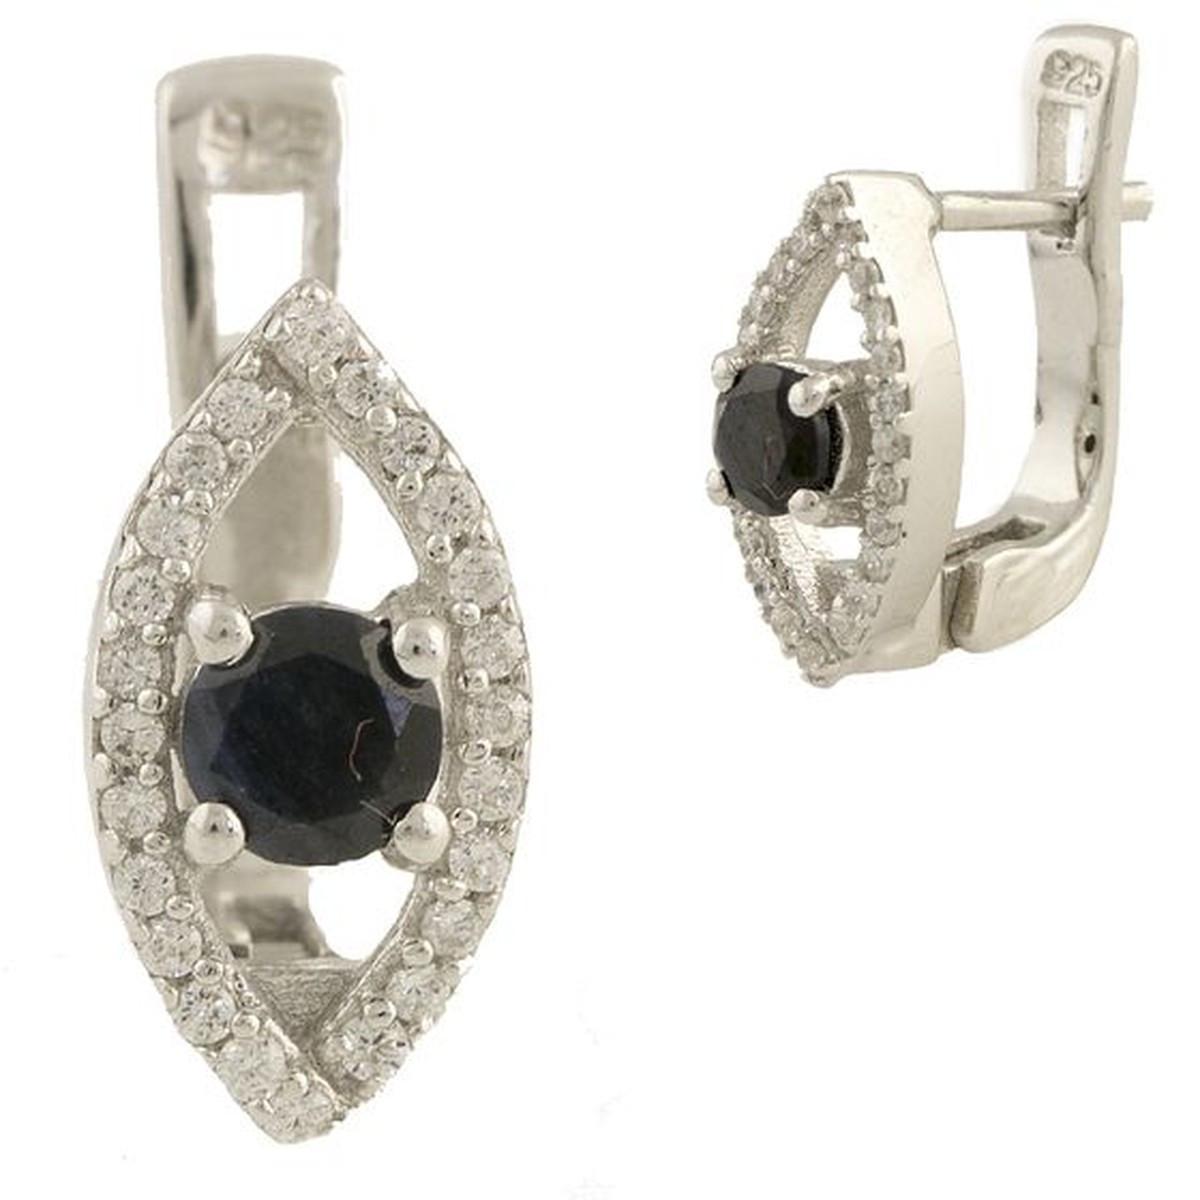 Срібні сережки MioDio з натуральним сапфіром (1197981)